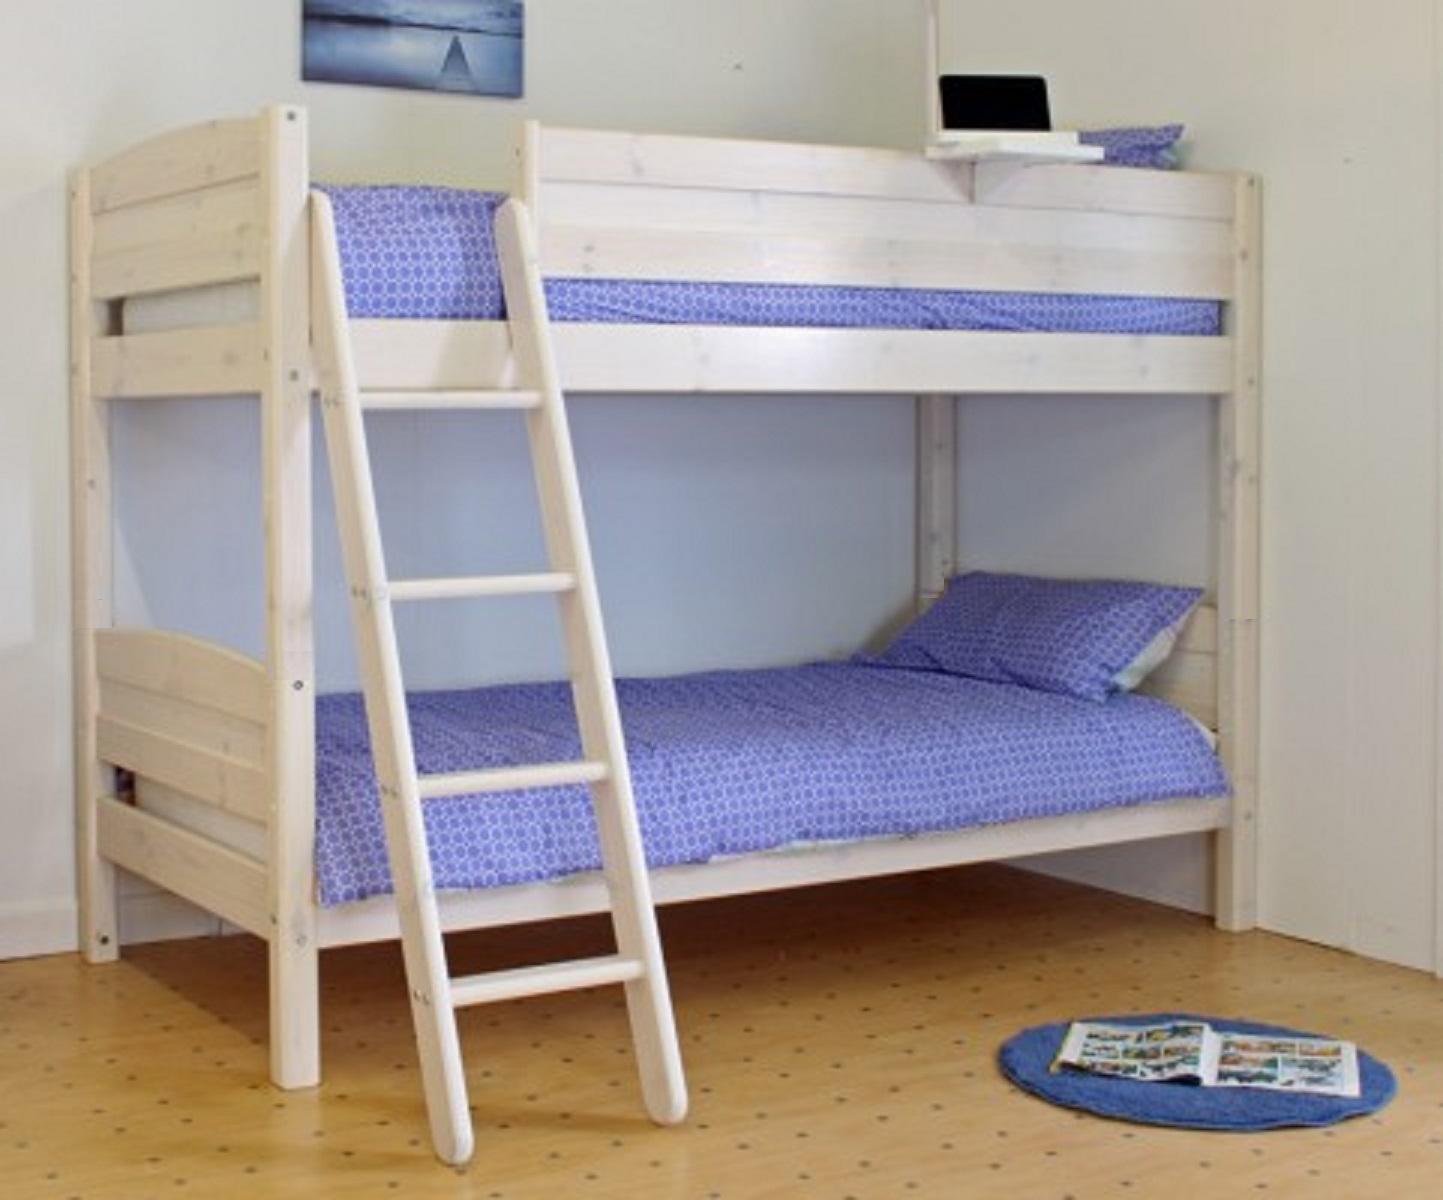 łóżko Piętrowematerace 160x80 Wytrzymałość 160 Kg łóżka